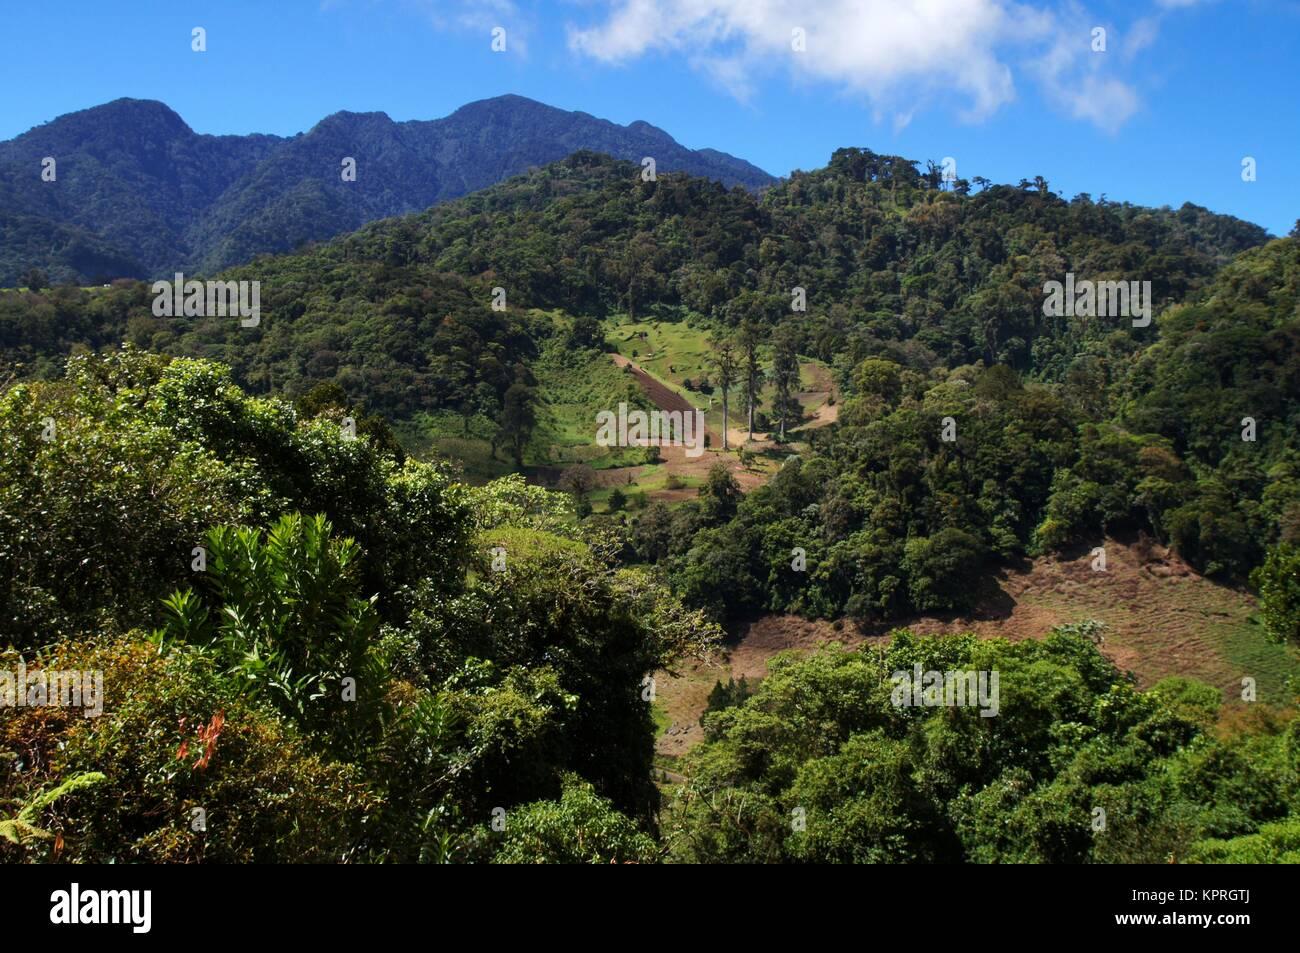 Giorno Brignt vista sul paesaggio di montagna in Panama. Immagini Stock